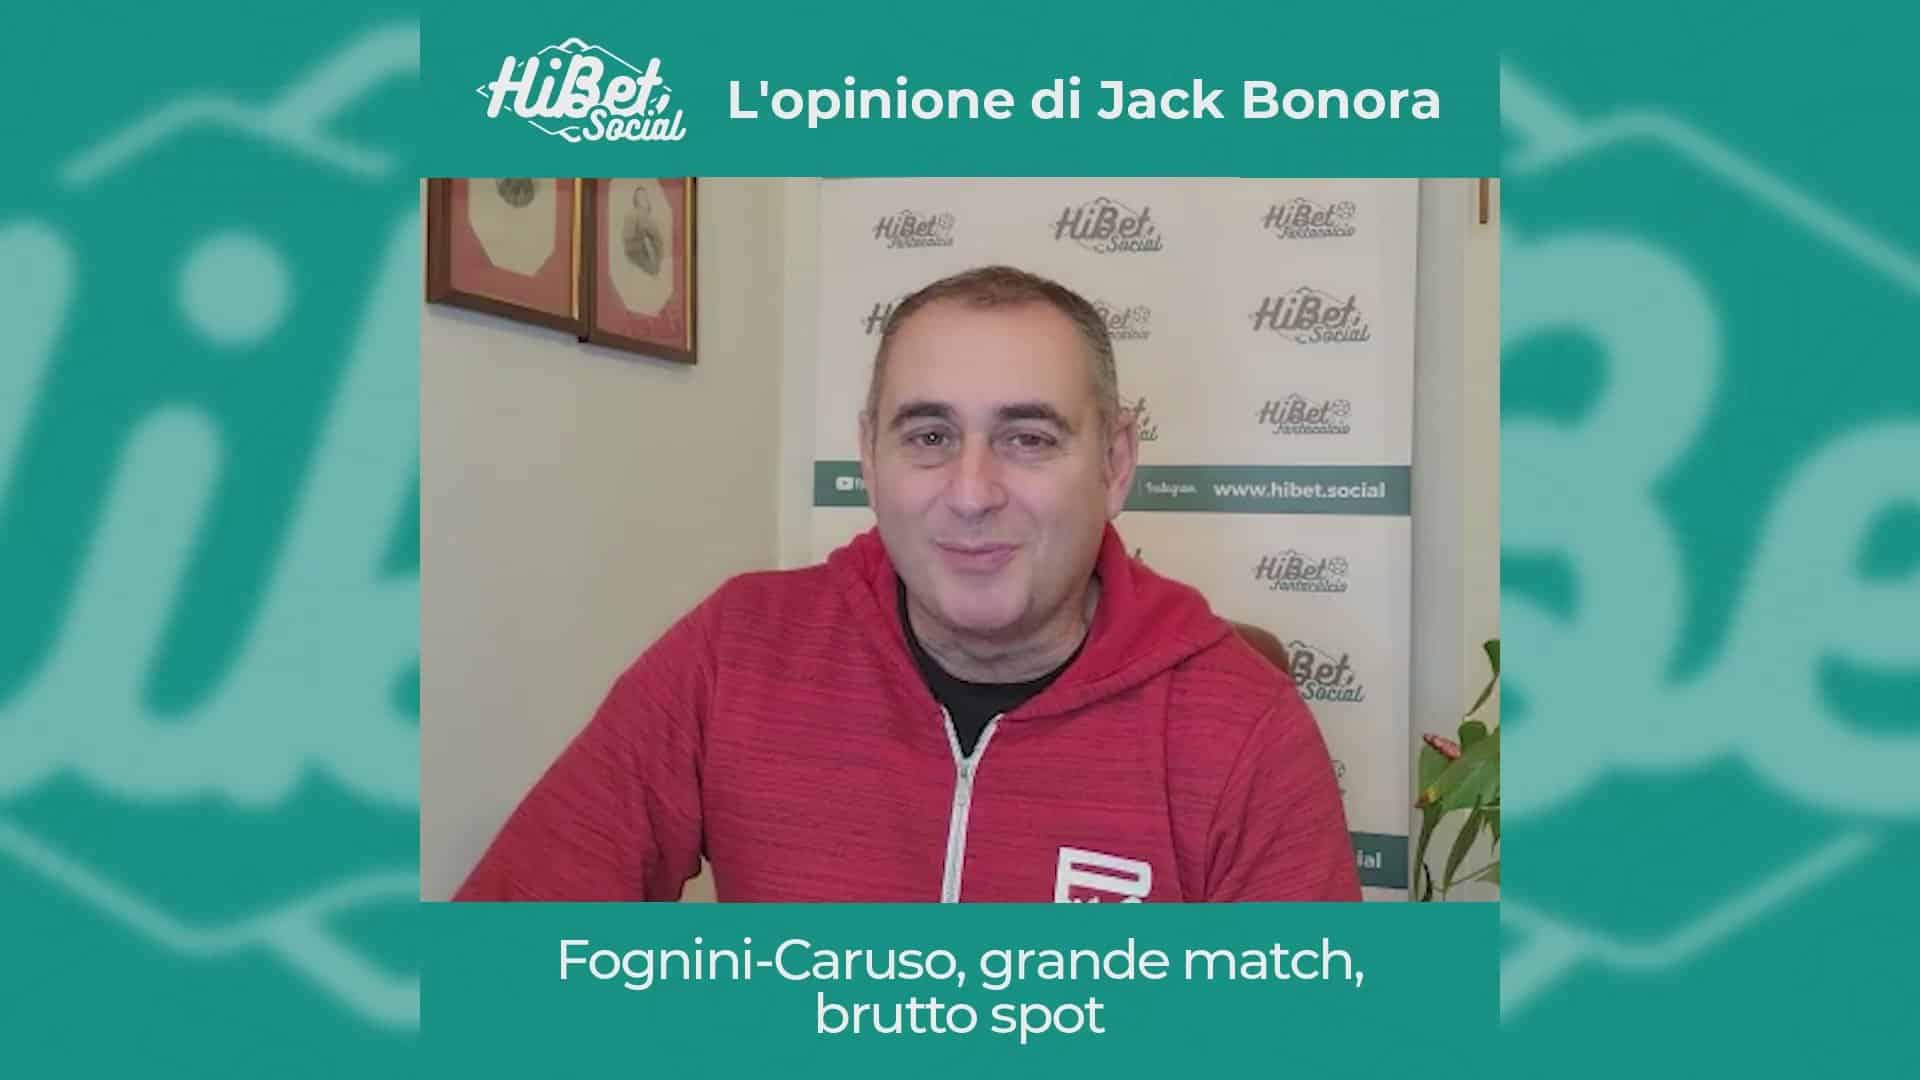 l match tra Salvatore Caruso e Fabio Fognini agli Australian Open ha fatto discutere